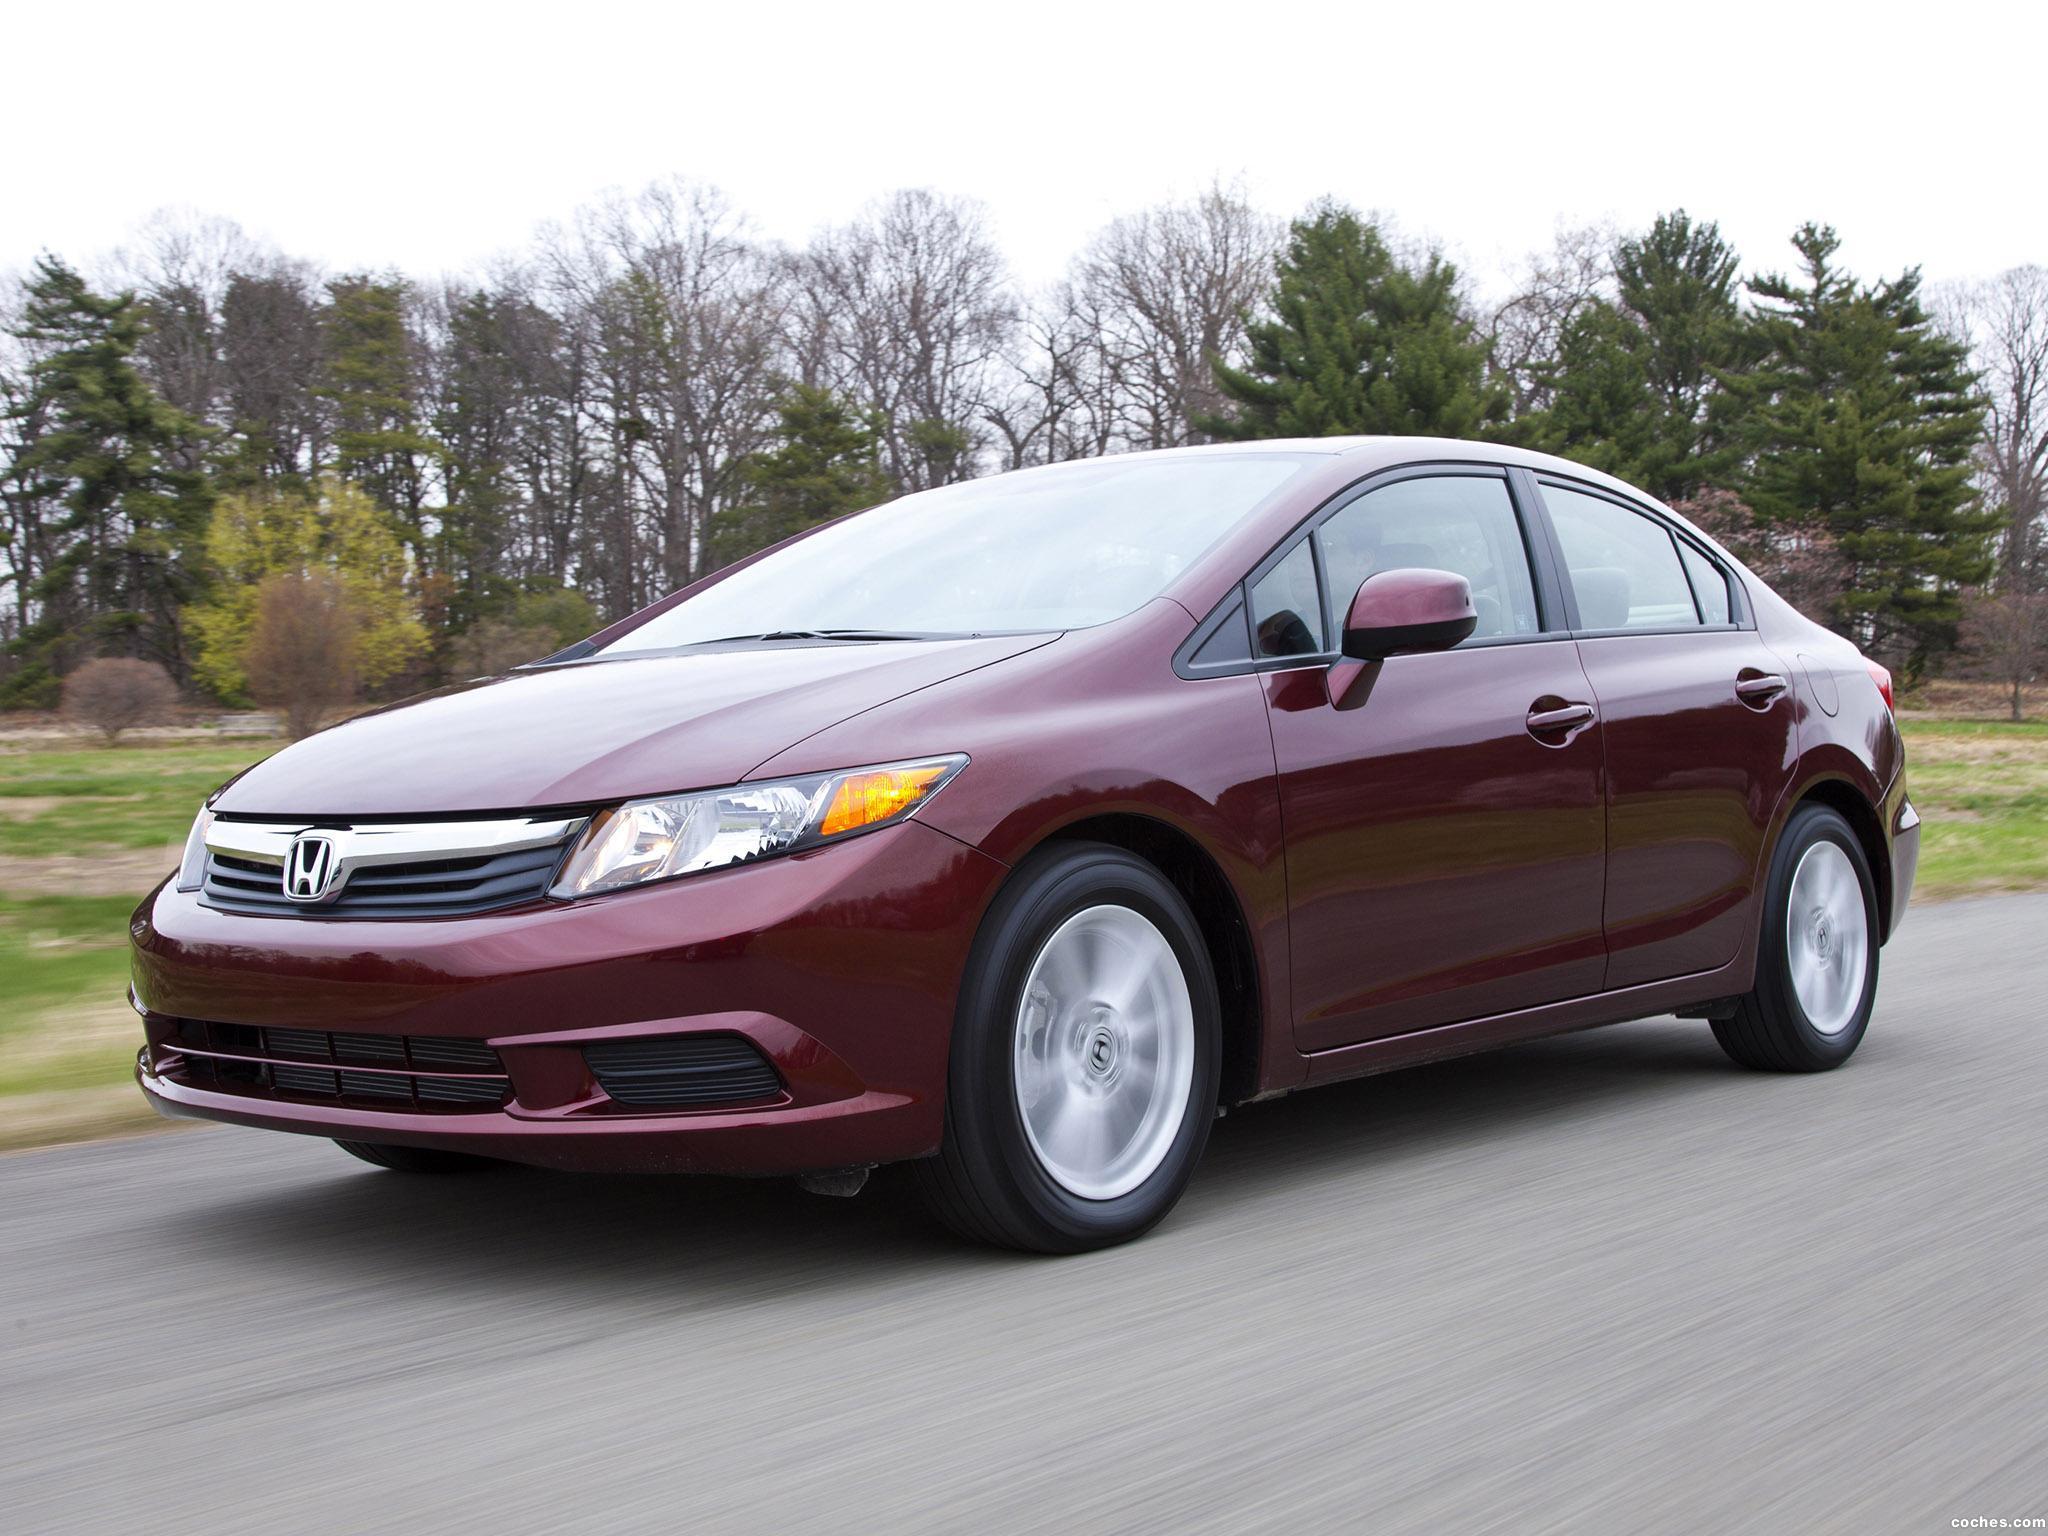 Foto 2 de Honda Civic EX-L Sedan 2011